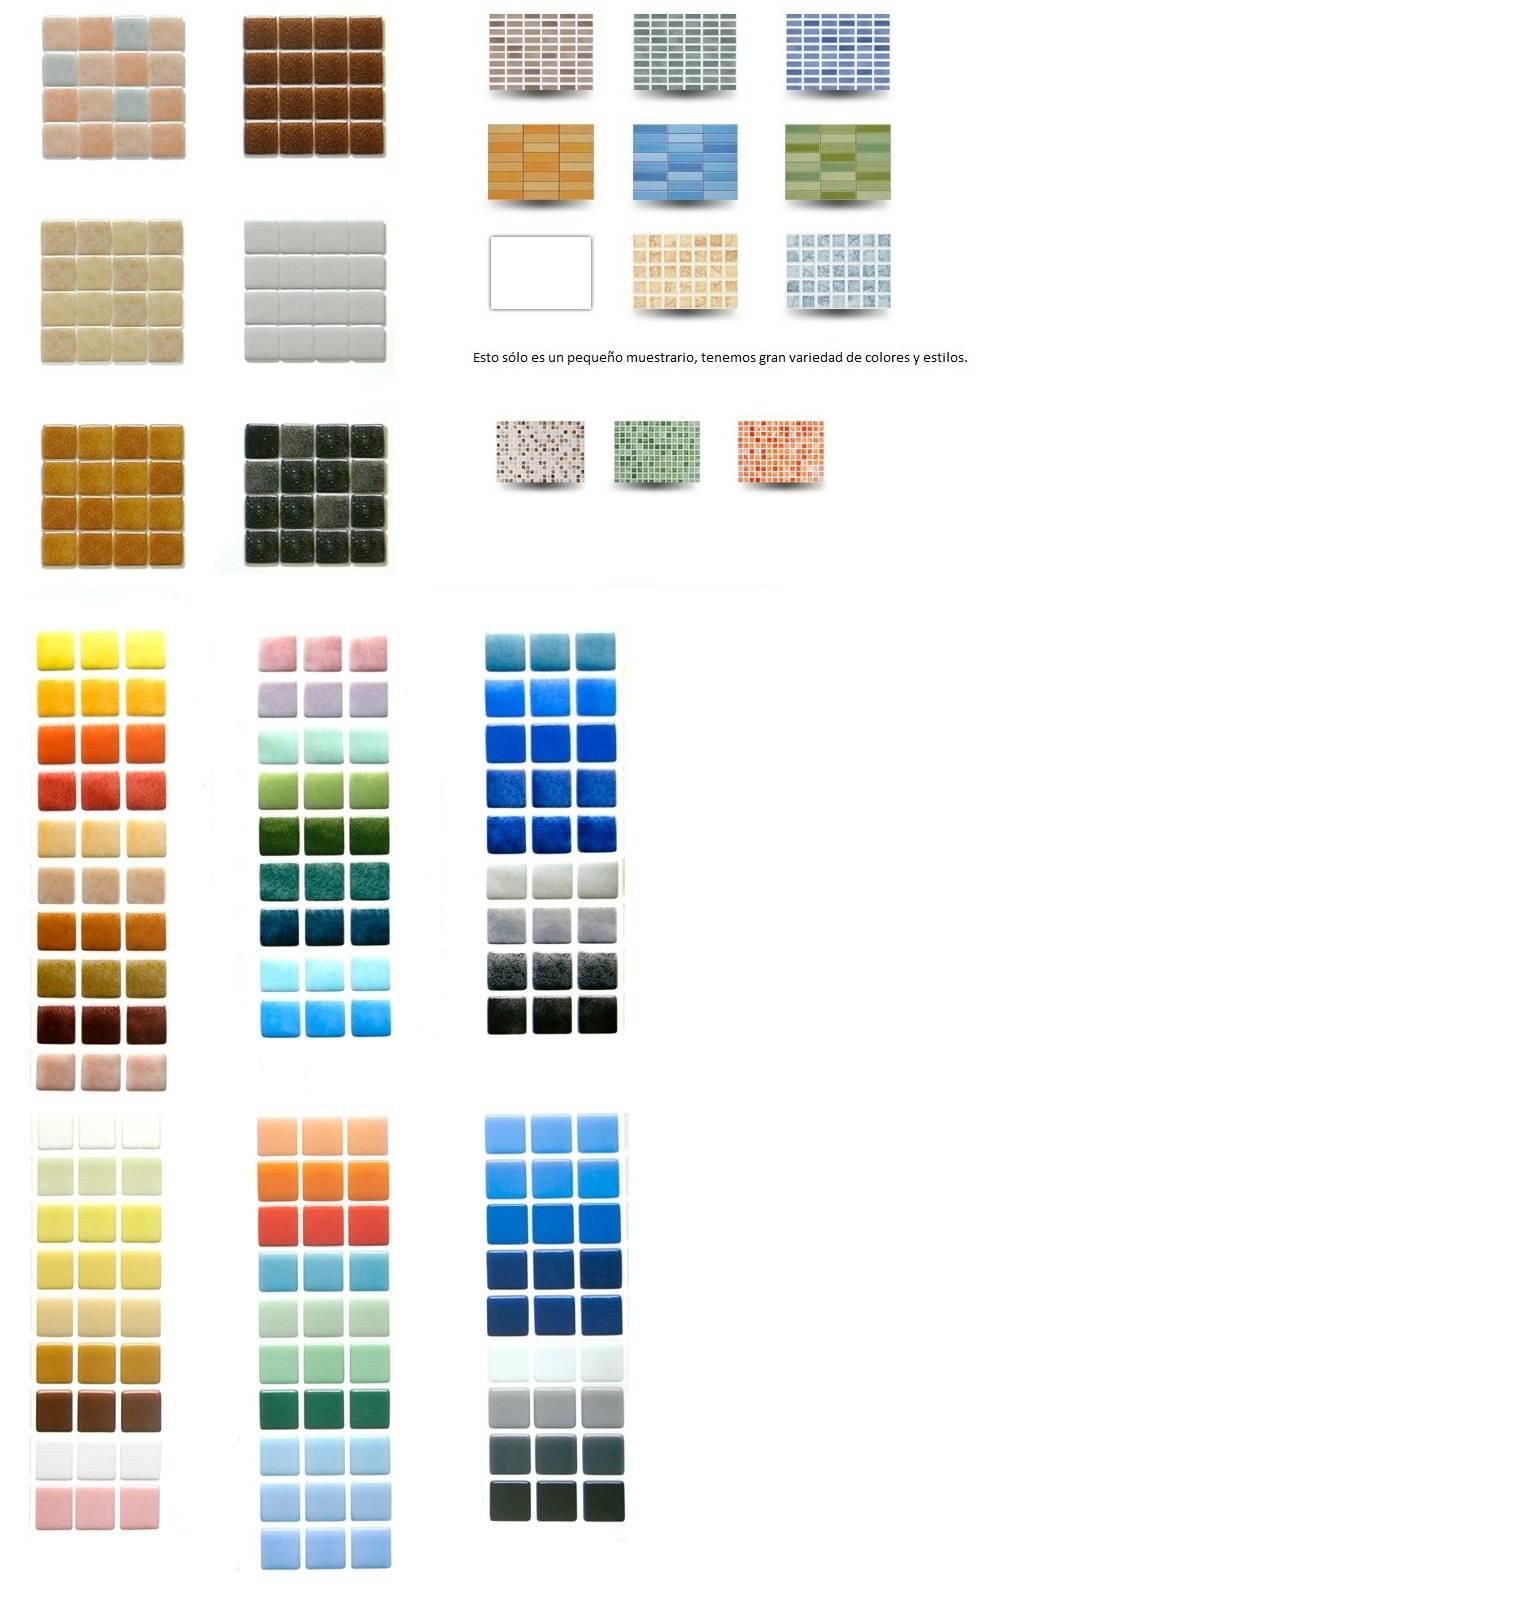 azulejos bao imitacion bao archivos u cambiar baera por plato de ducha madrid azulejos bao imitacion gresite